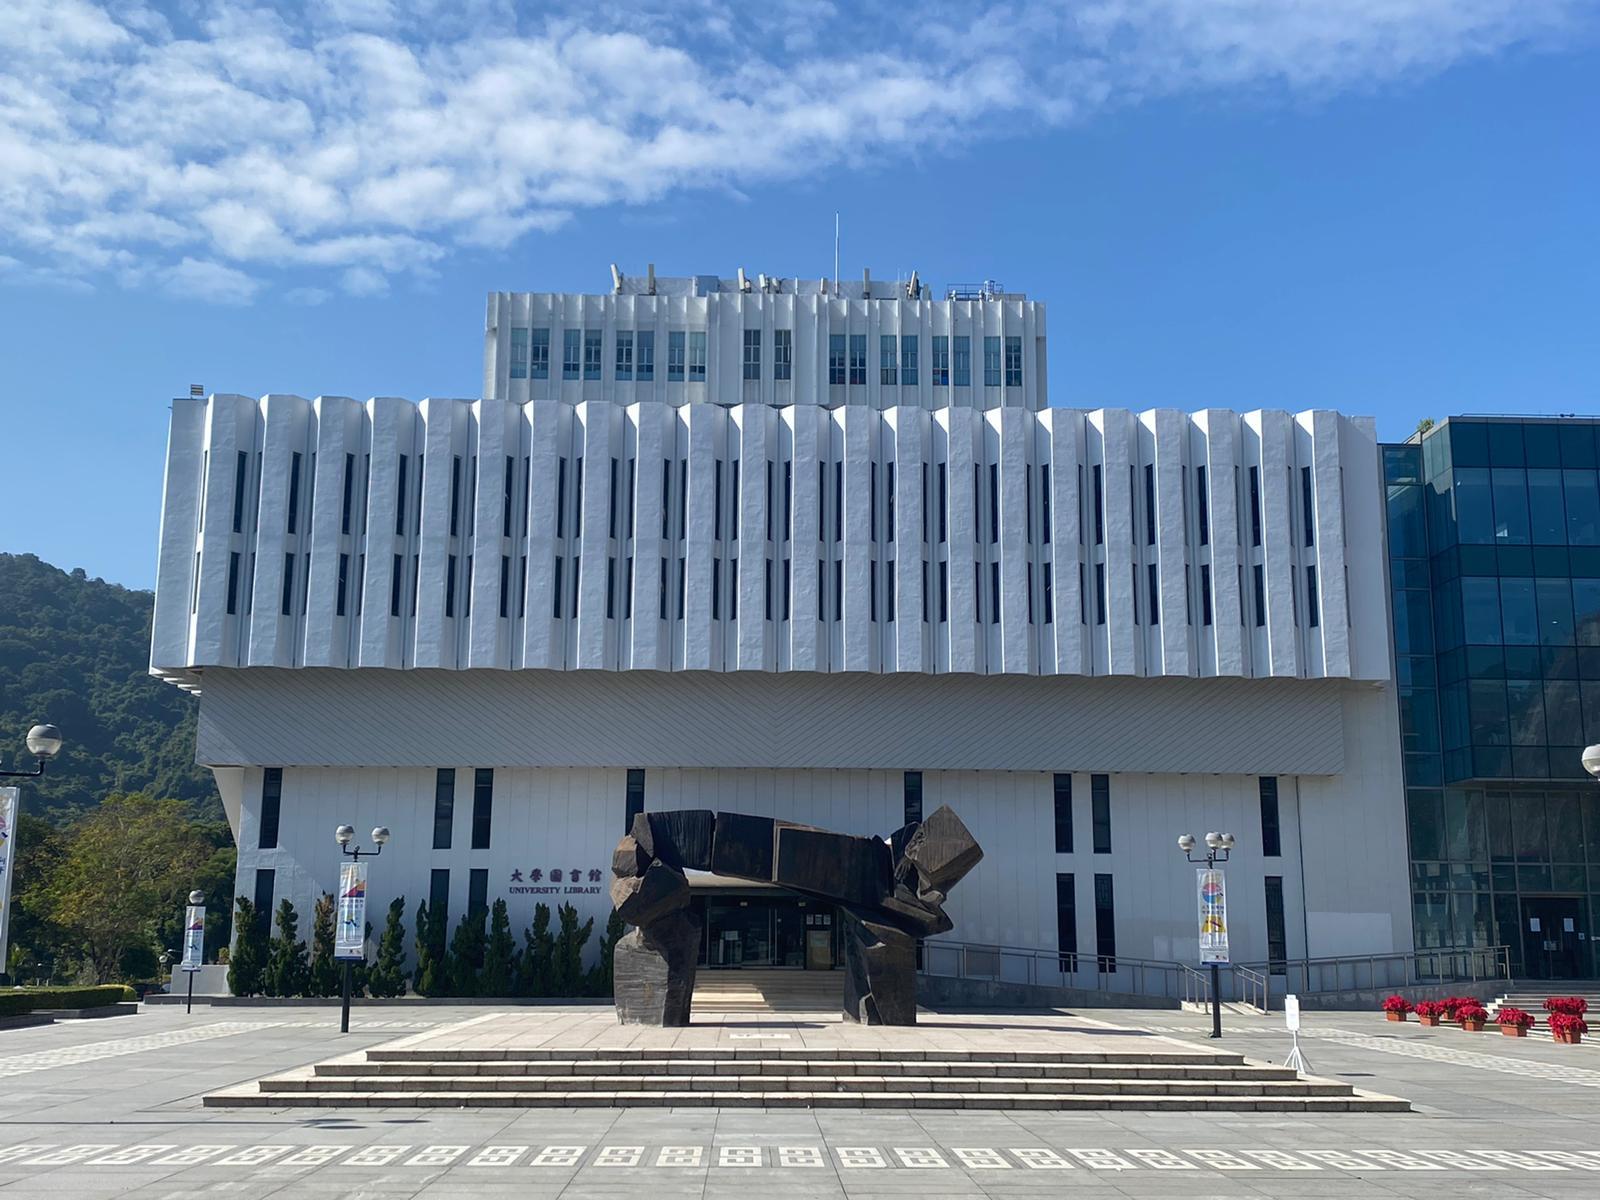 中大中国研究服务中心的馆藏将由中大图书馆接管。(李智智 摄)